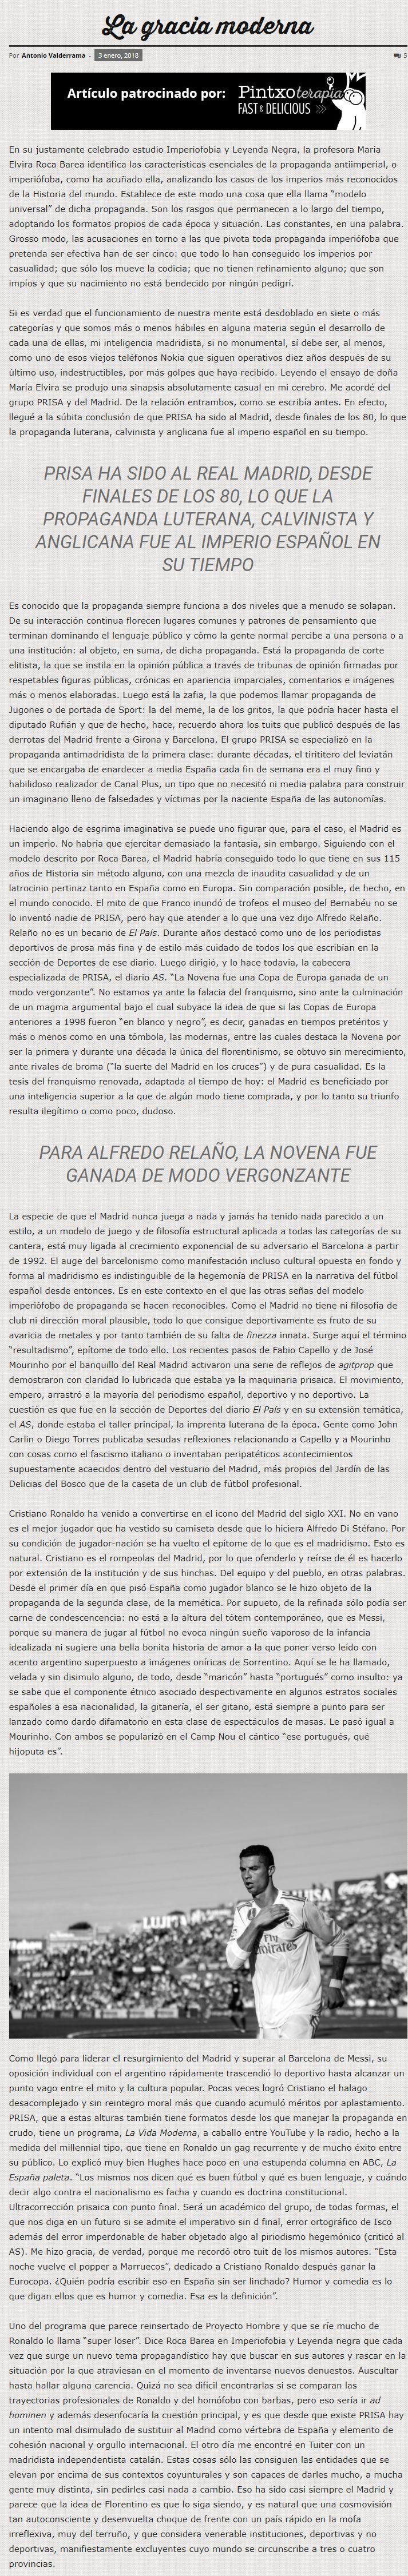 Madridistas por las redes (Todo lo que encontremos que nos parezca de interes) - Página 5 0457883848